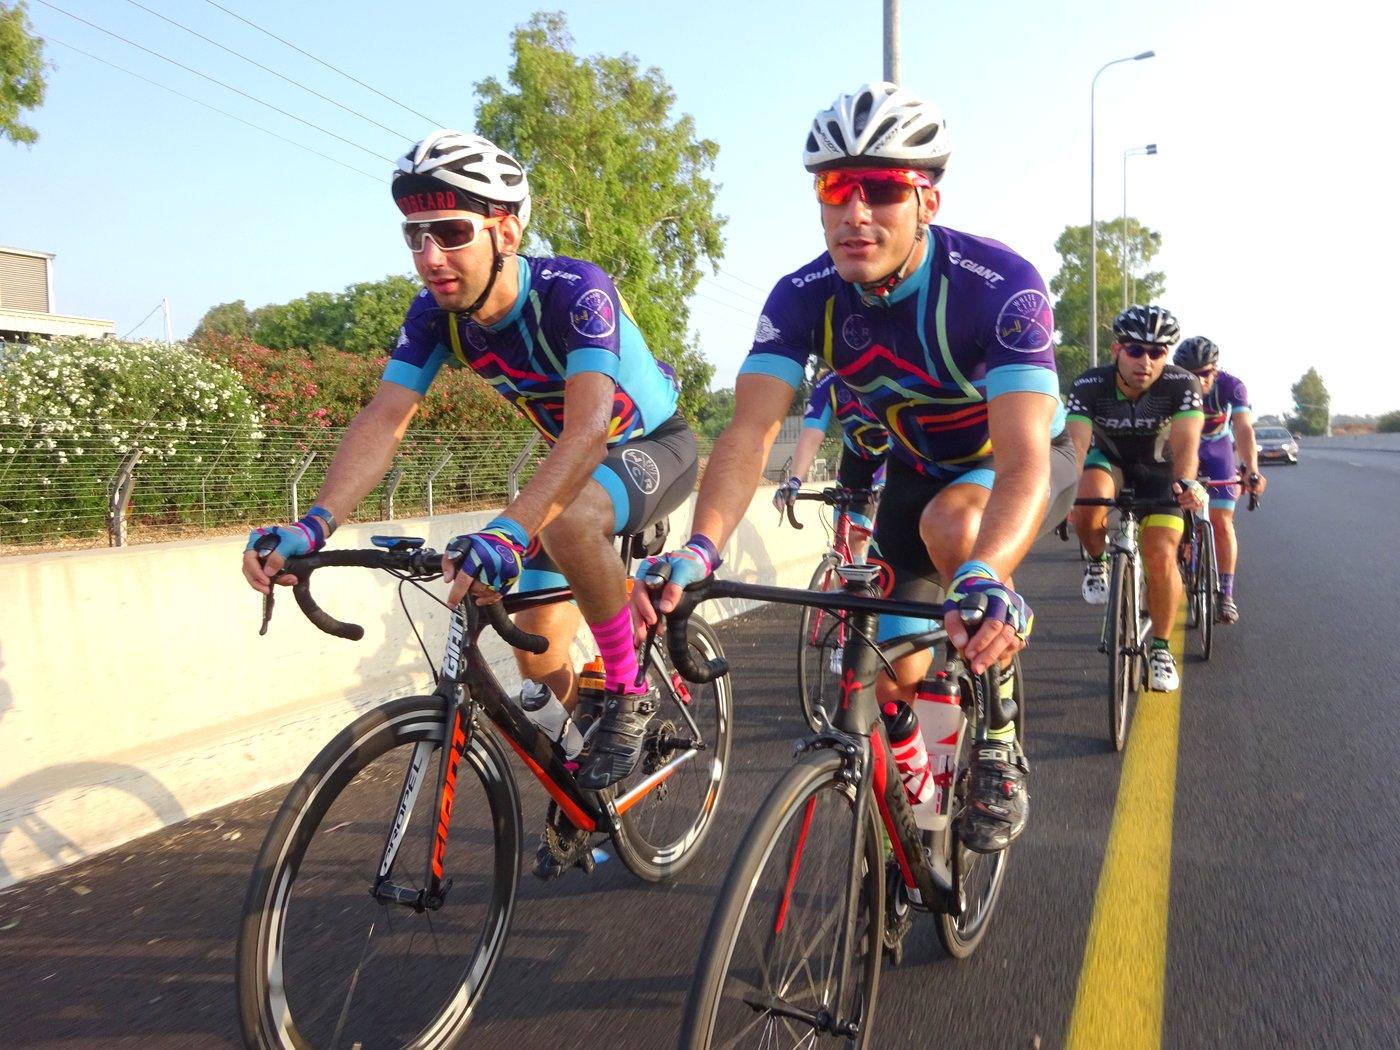 כיצד תקבעו את טווחי האימון שלכם בוואטים באופניים / דרור הדדי